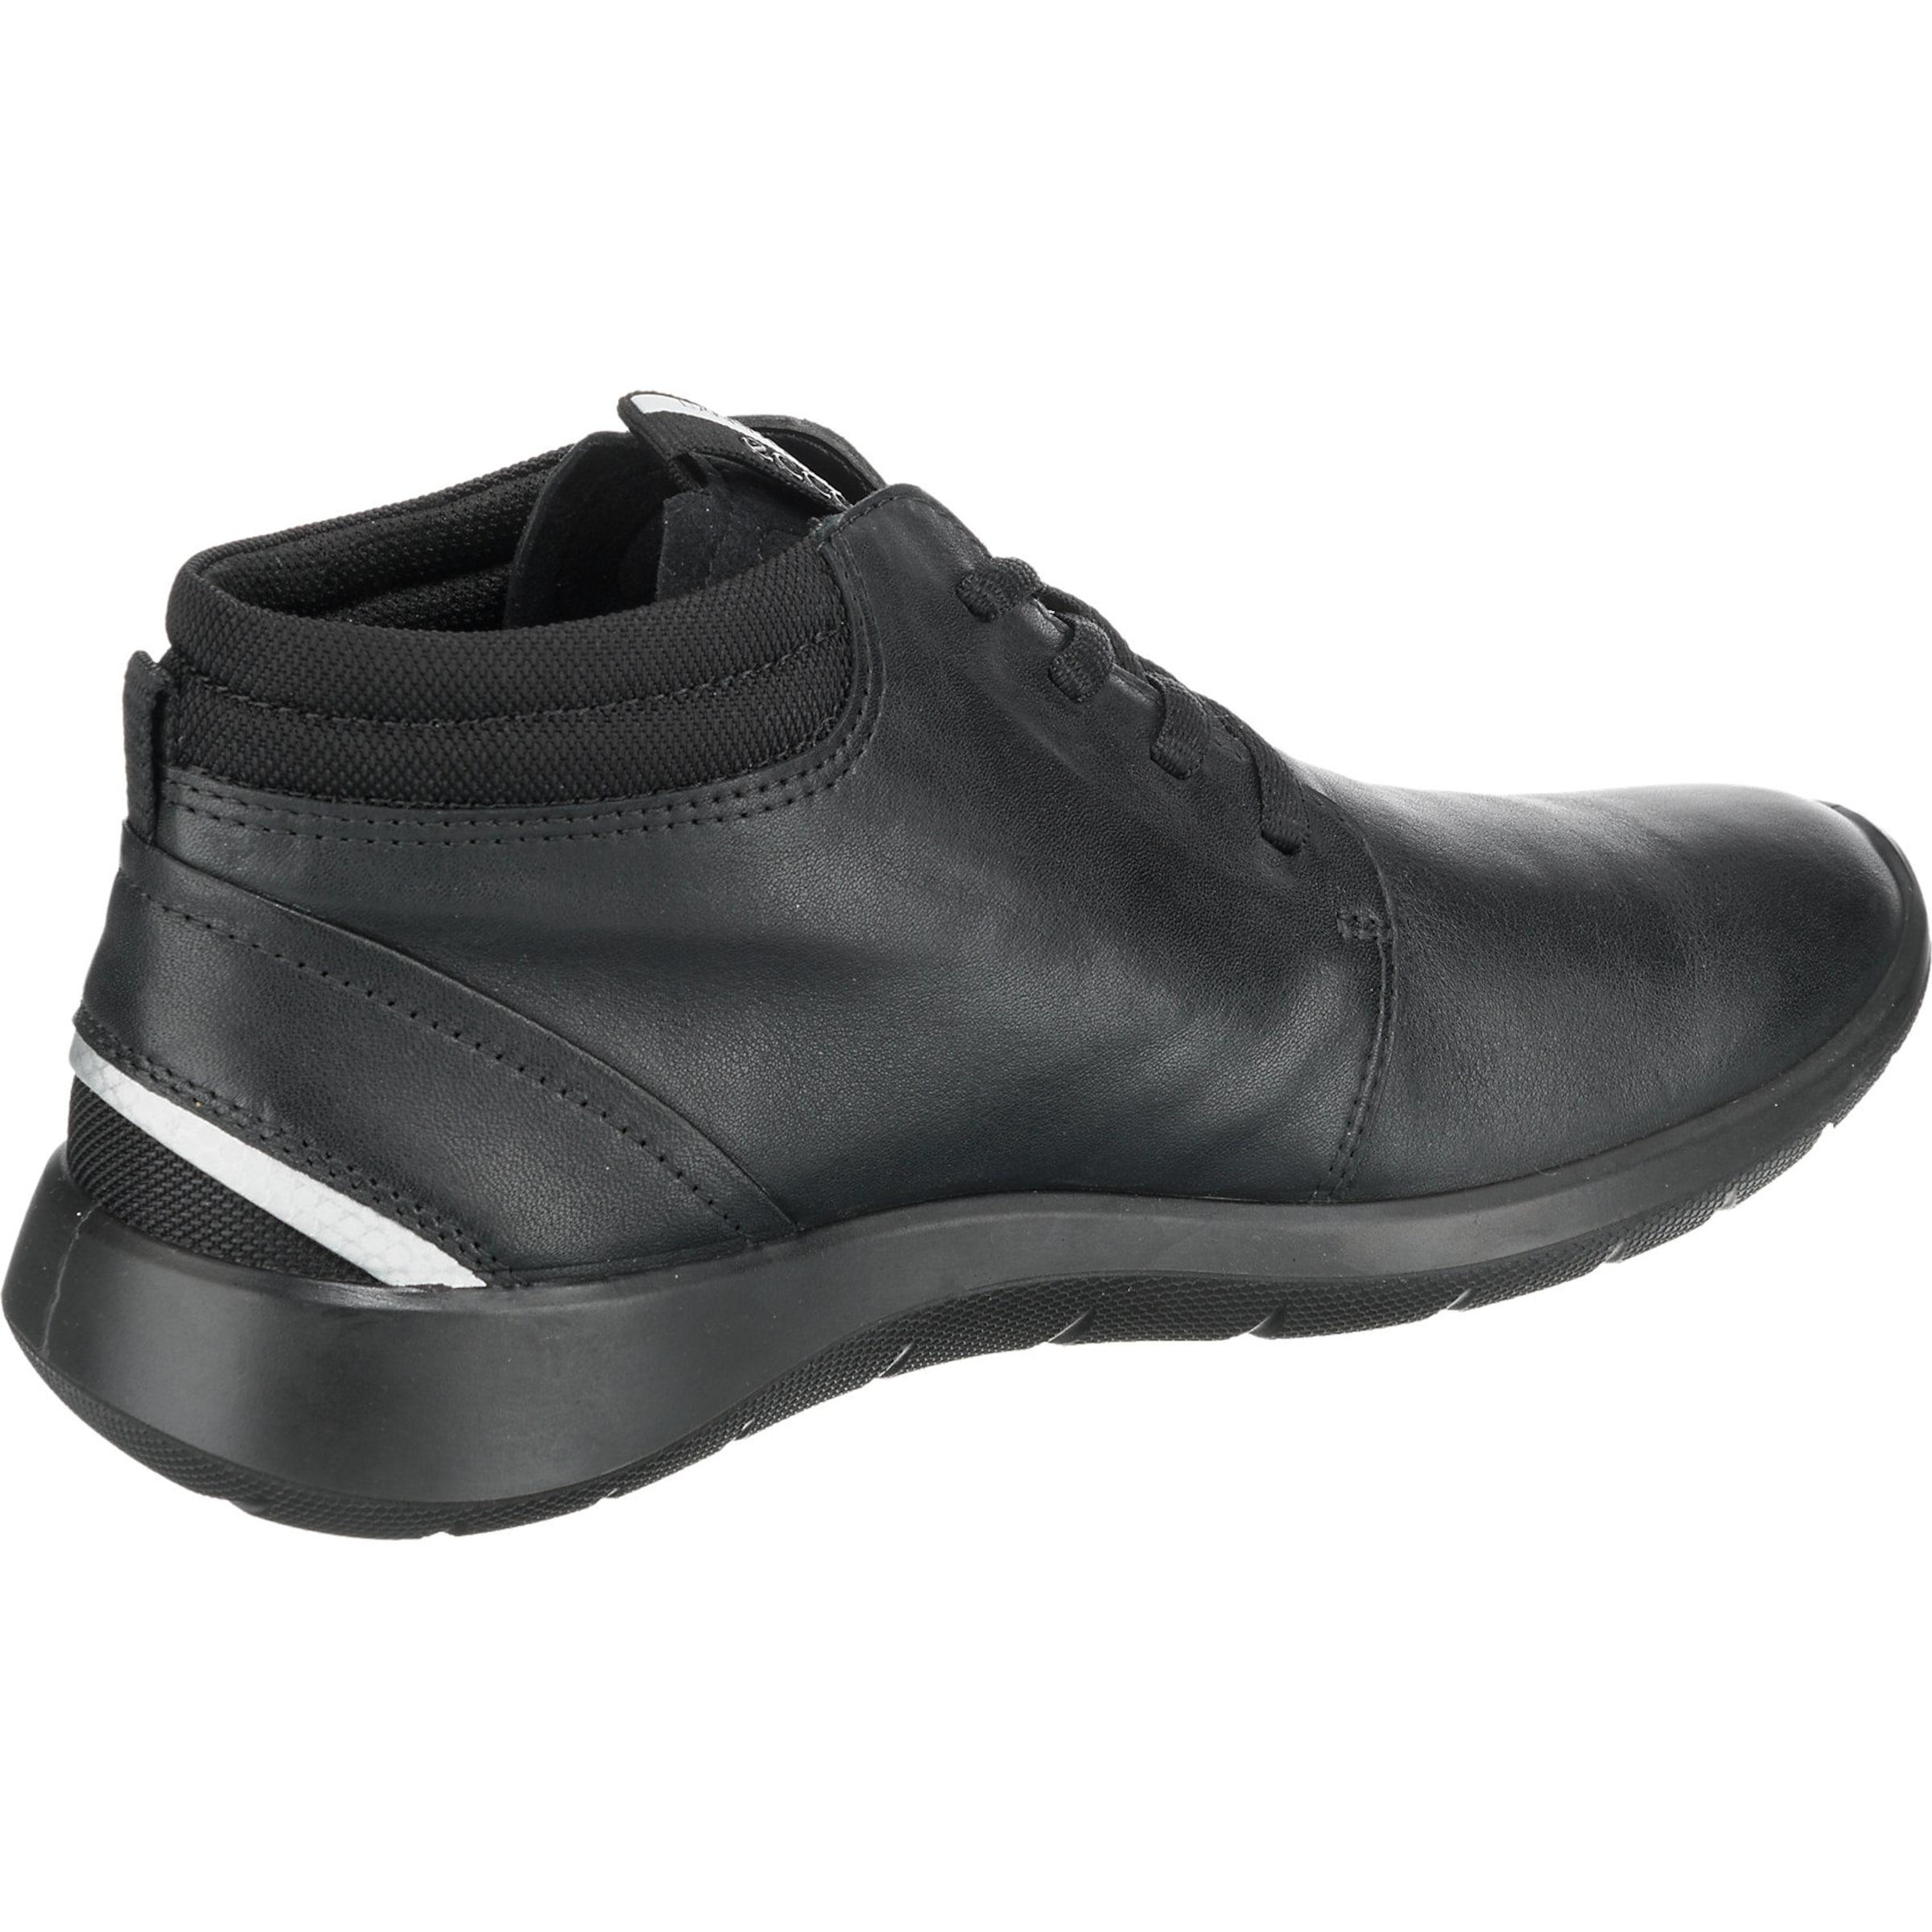 GrauSchwarz In Sneakers Ecco Sneakers Sneakers In Sneakers In Ecco GrauSchwarz Ecco Ecco GrauSchwarz SzqMGUVp